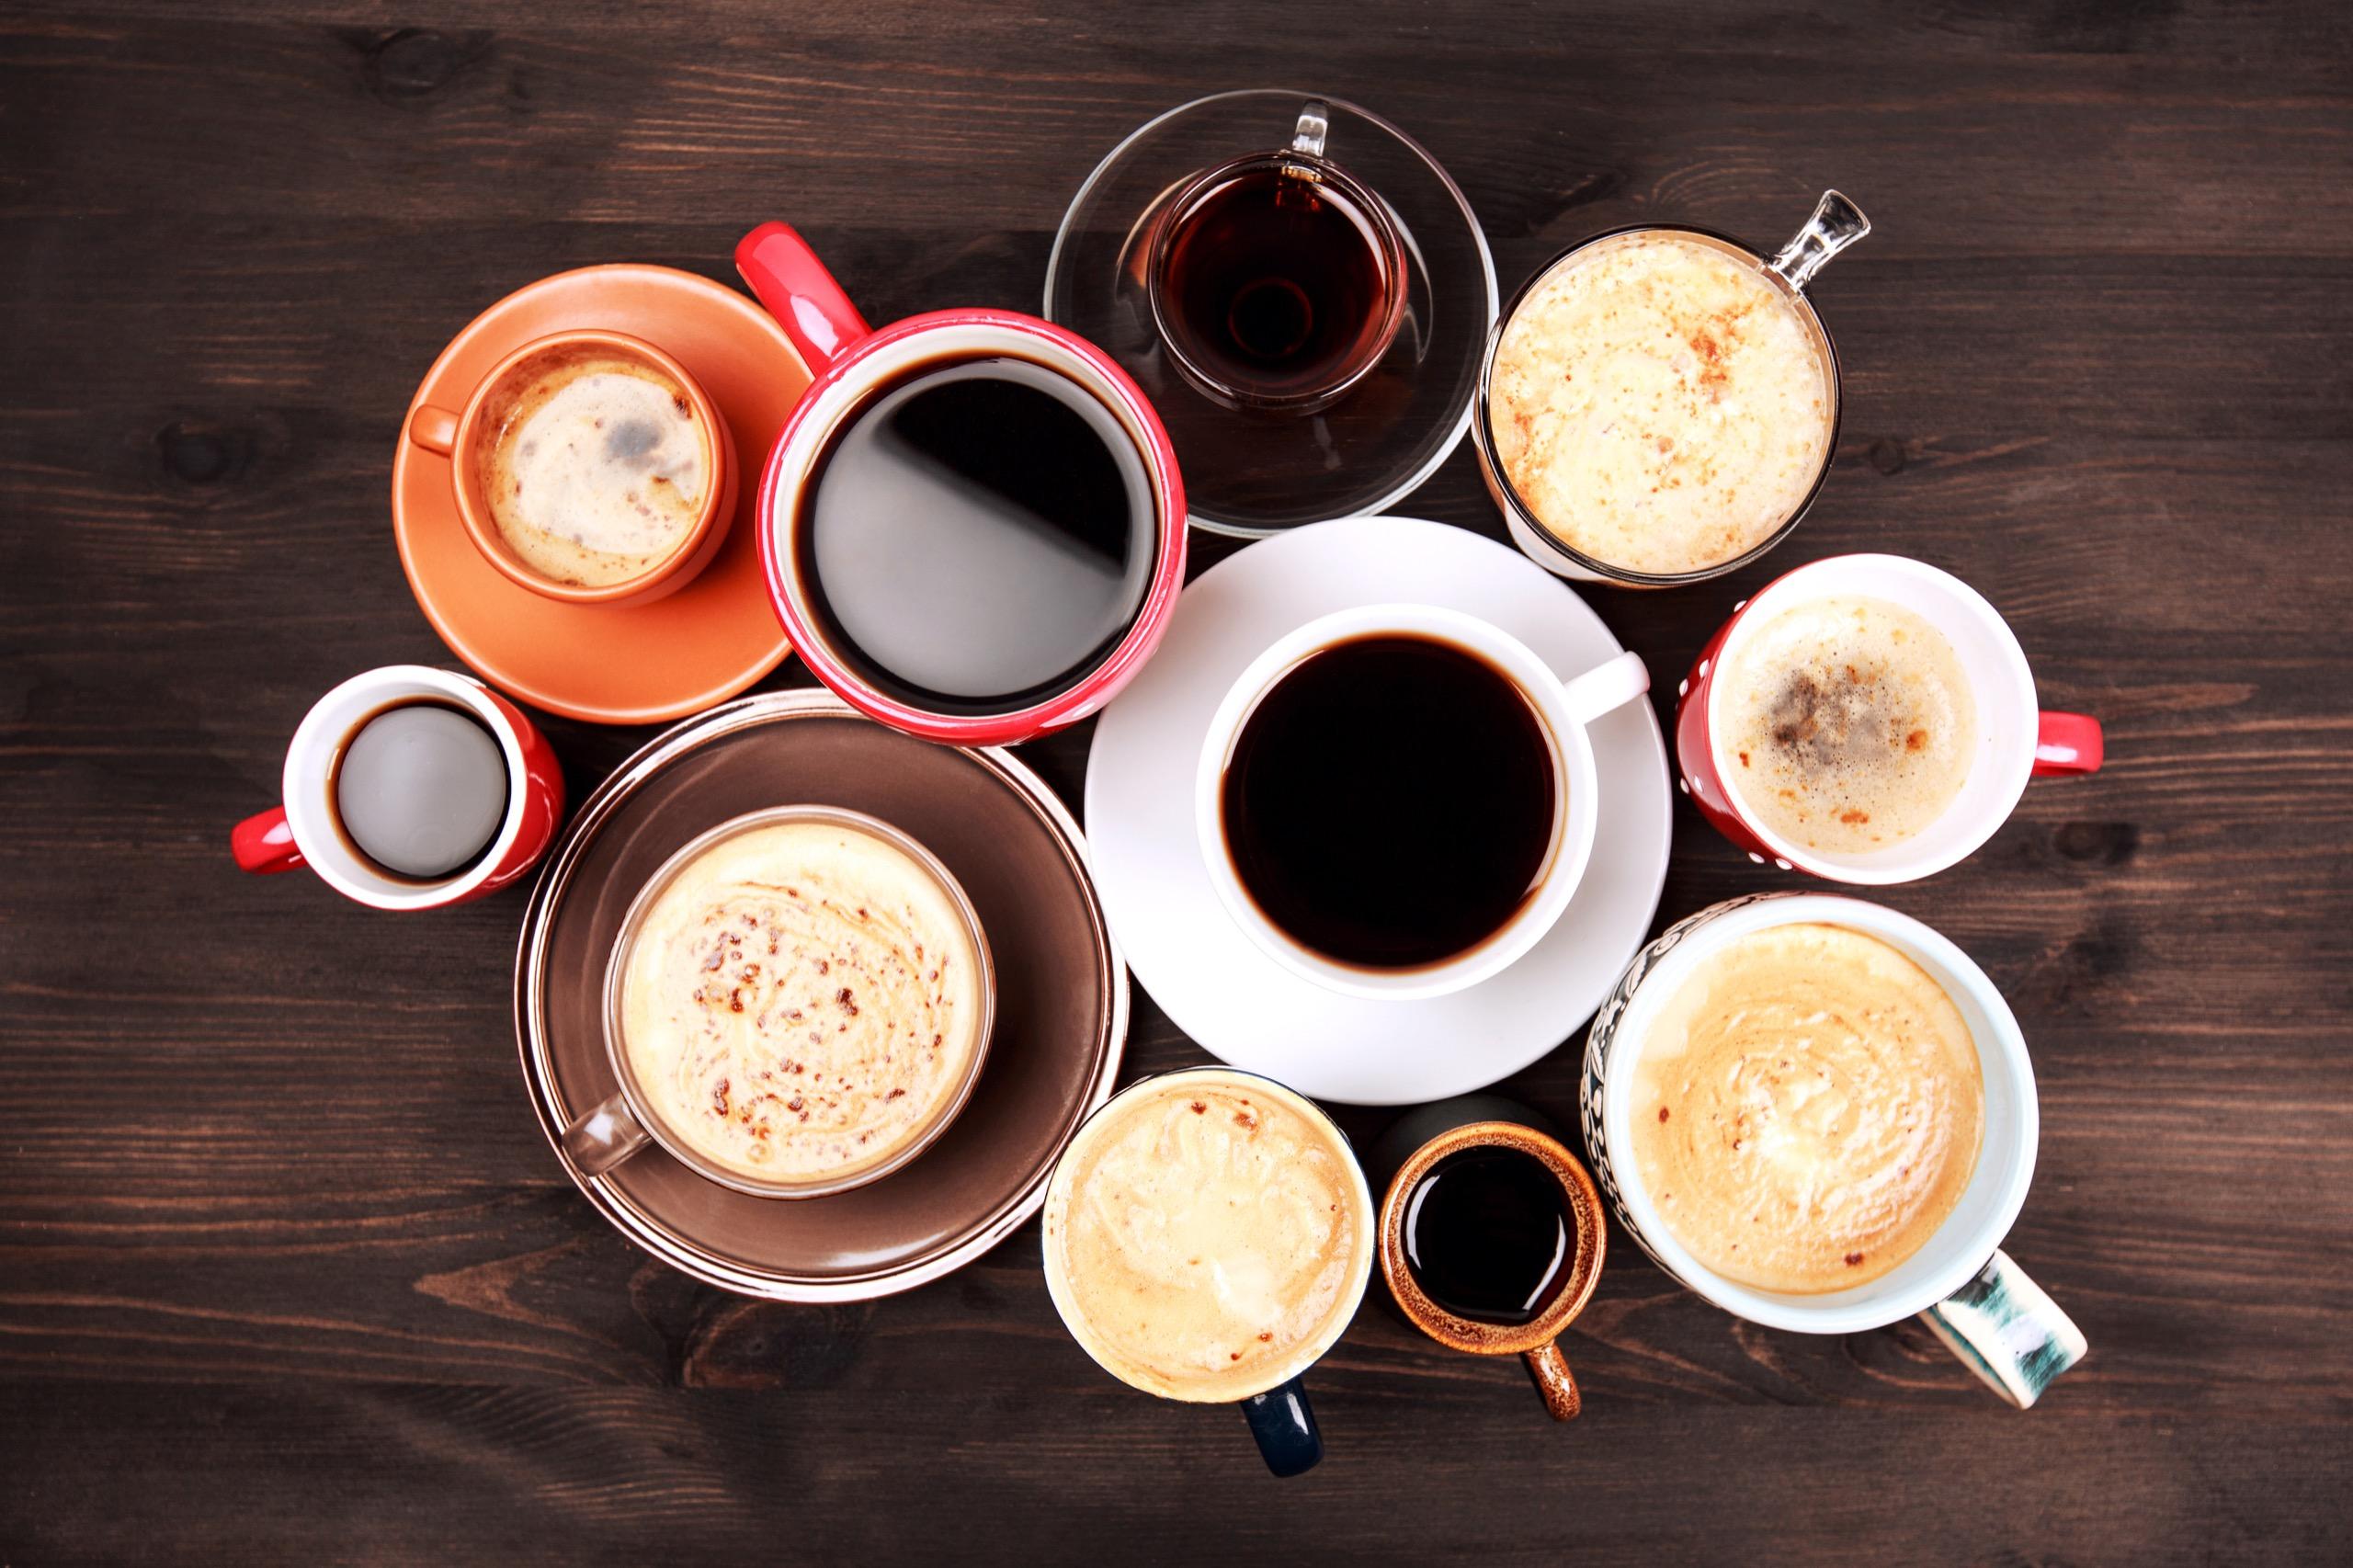 Hot beverage vending selection offered by Breaktime Beverage